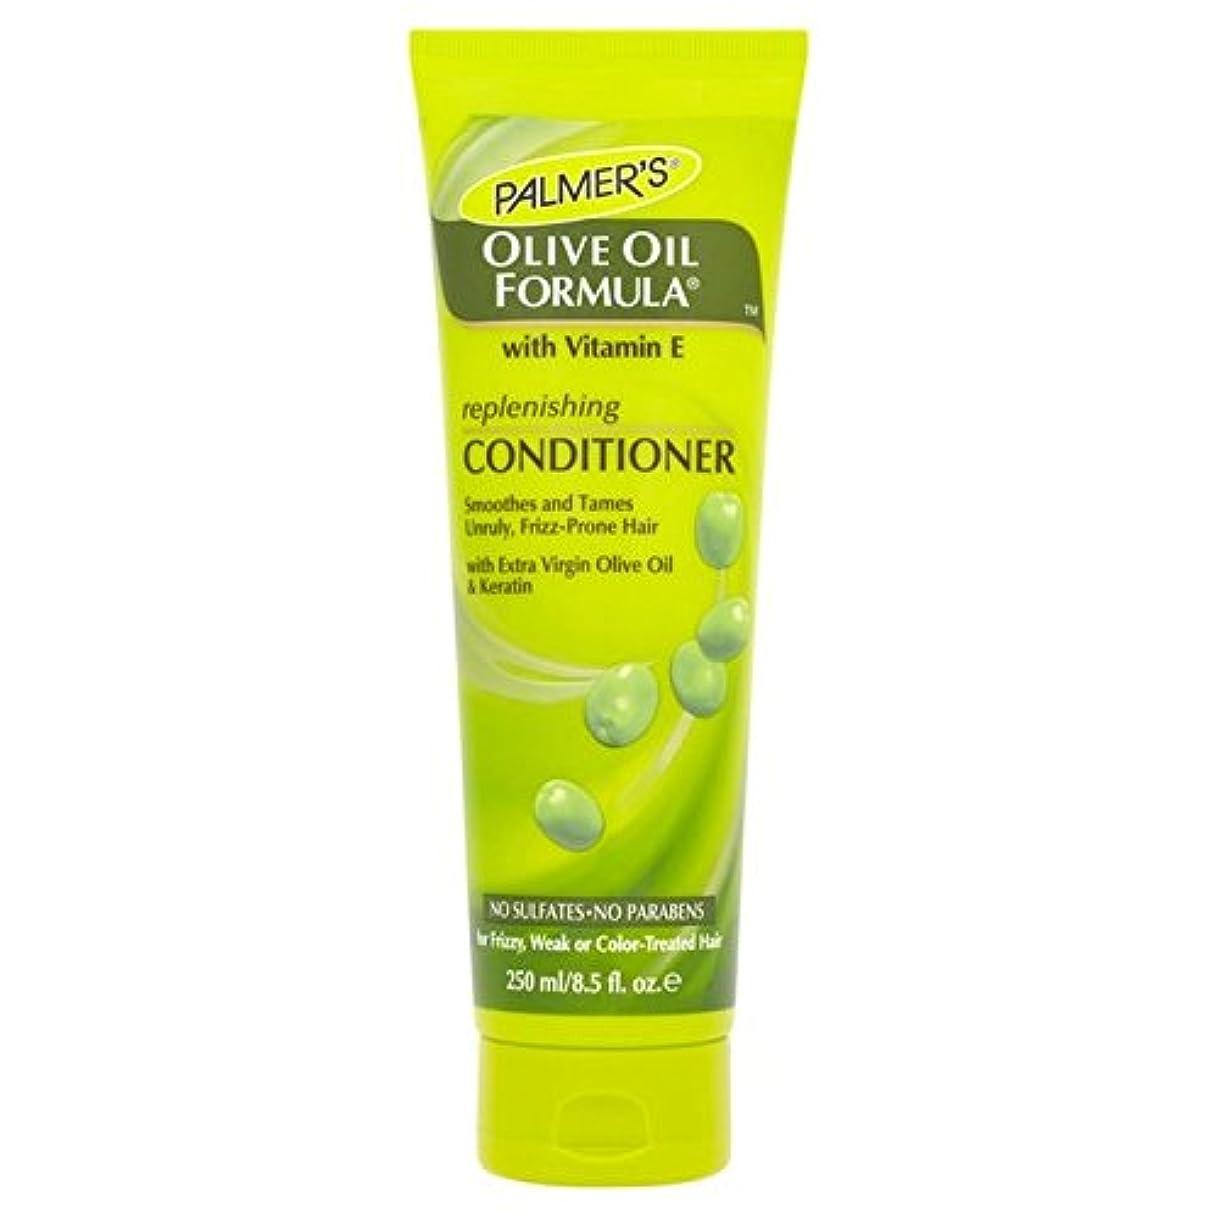 メカニック宇宙のラップトップPalmer's Olive Oil Formula Restoring Conditioner 250ml - パーマーのオリーブオイル式リストアコンディショナー250 [並行輸入品]